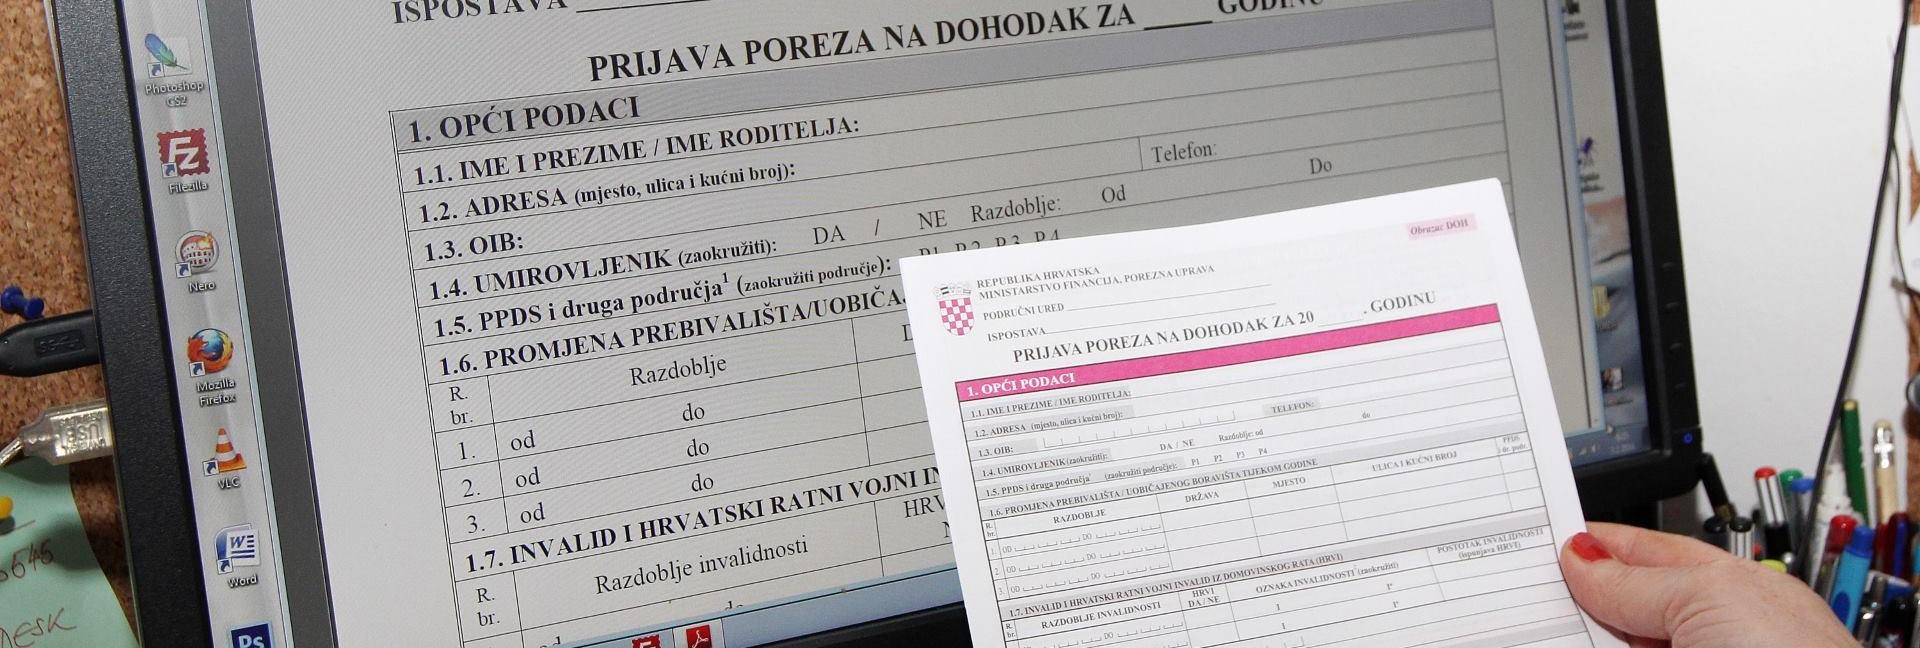 NACIONALNO VIJEĆE ZA KONKURENTNOST Pad Hrvatske na WEF-ovoj ljestvici konkurentnosti korištenja ICT-a